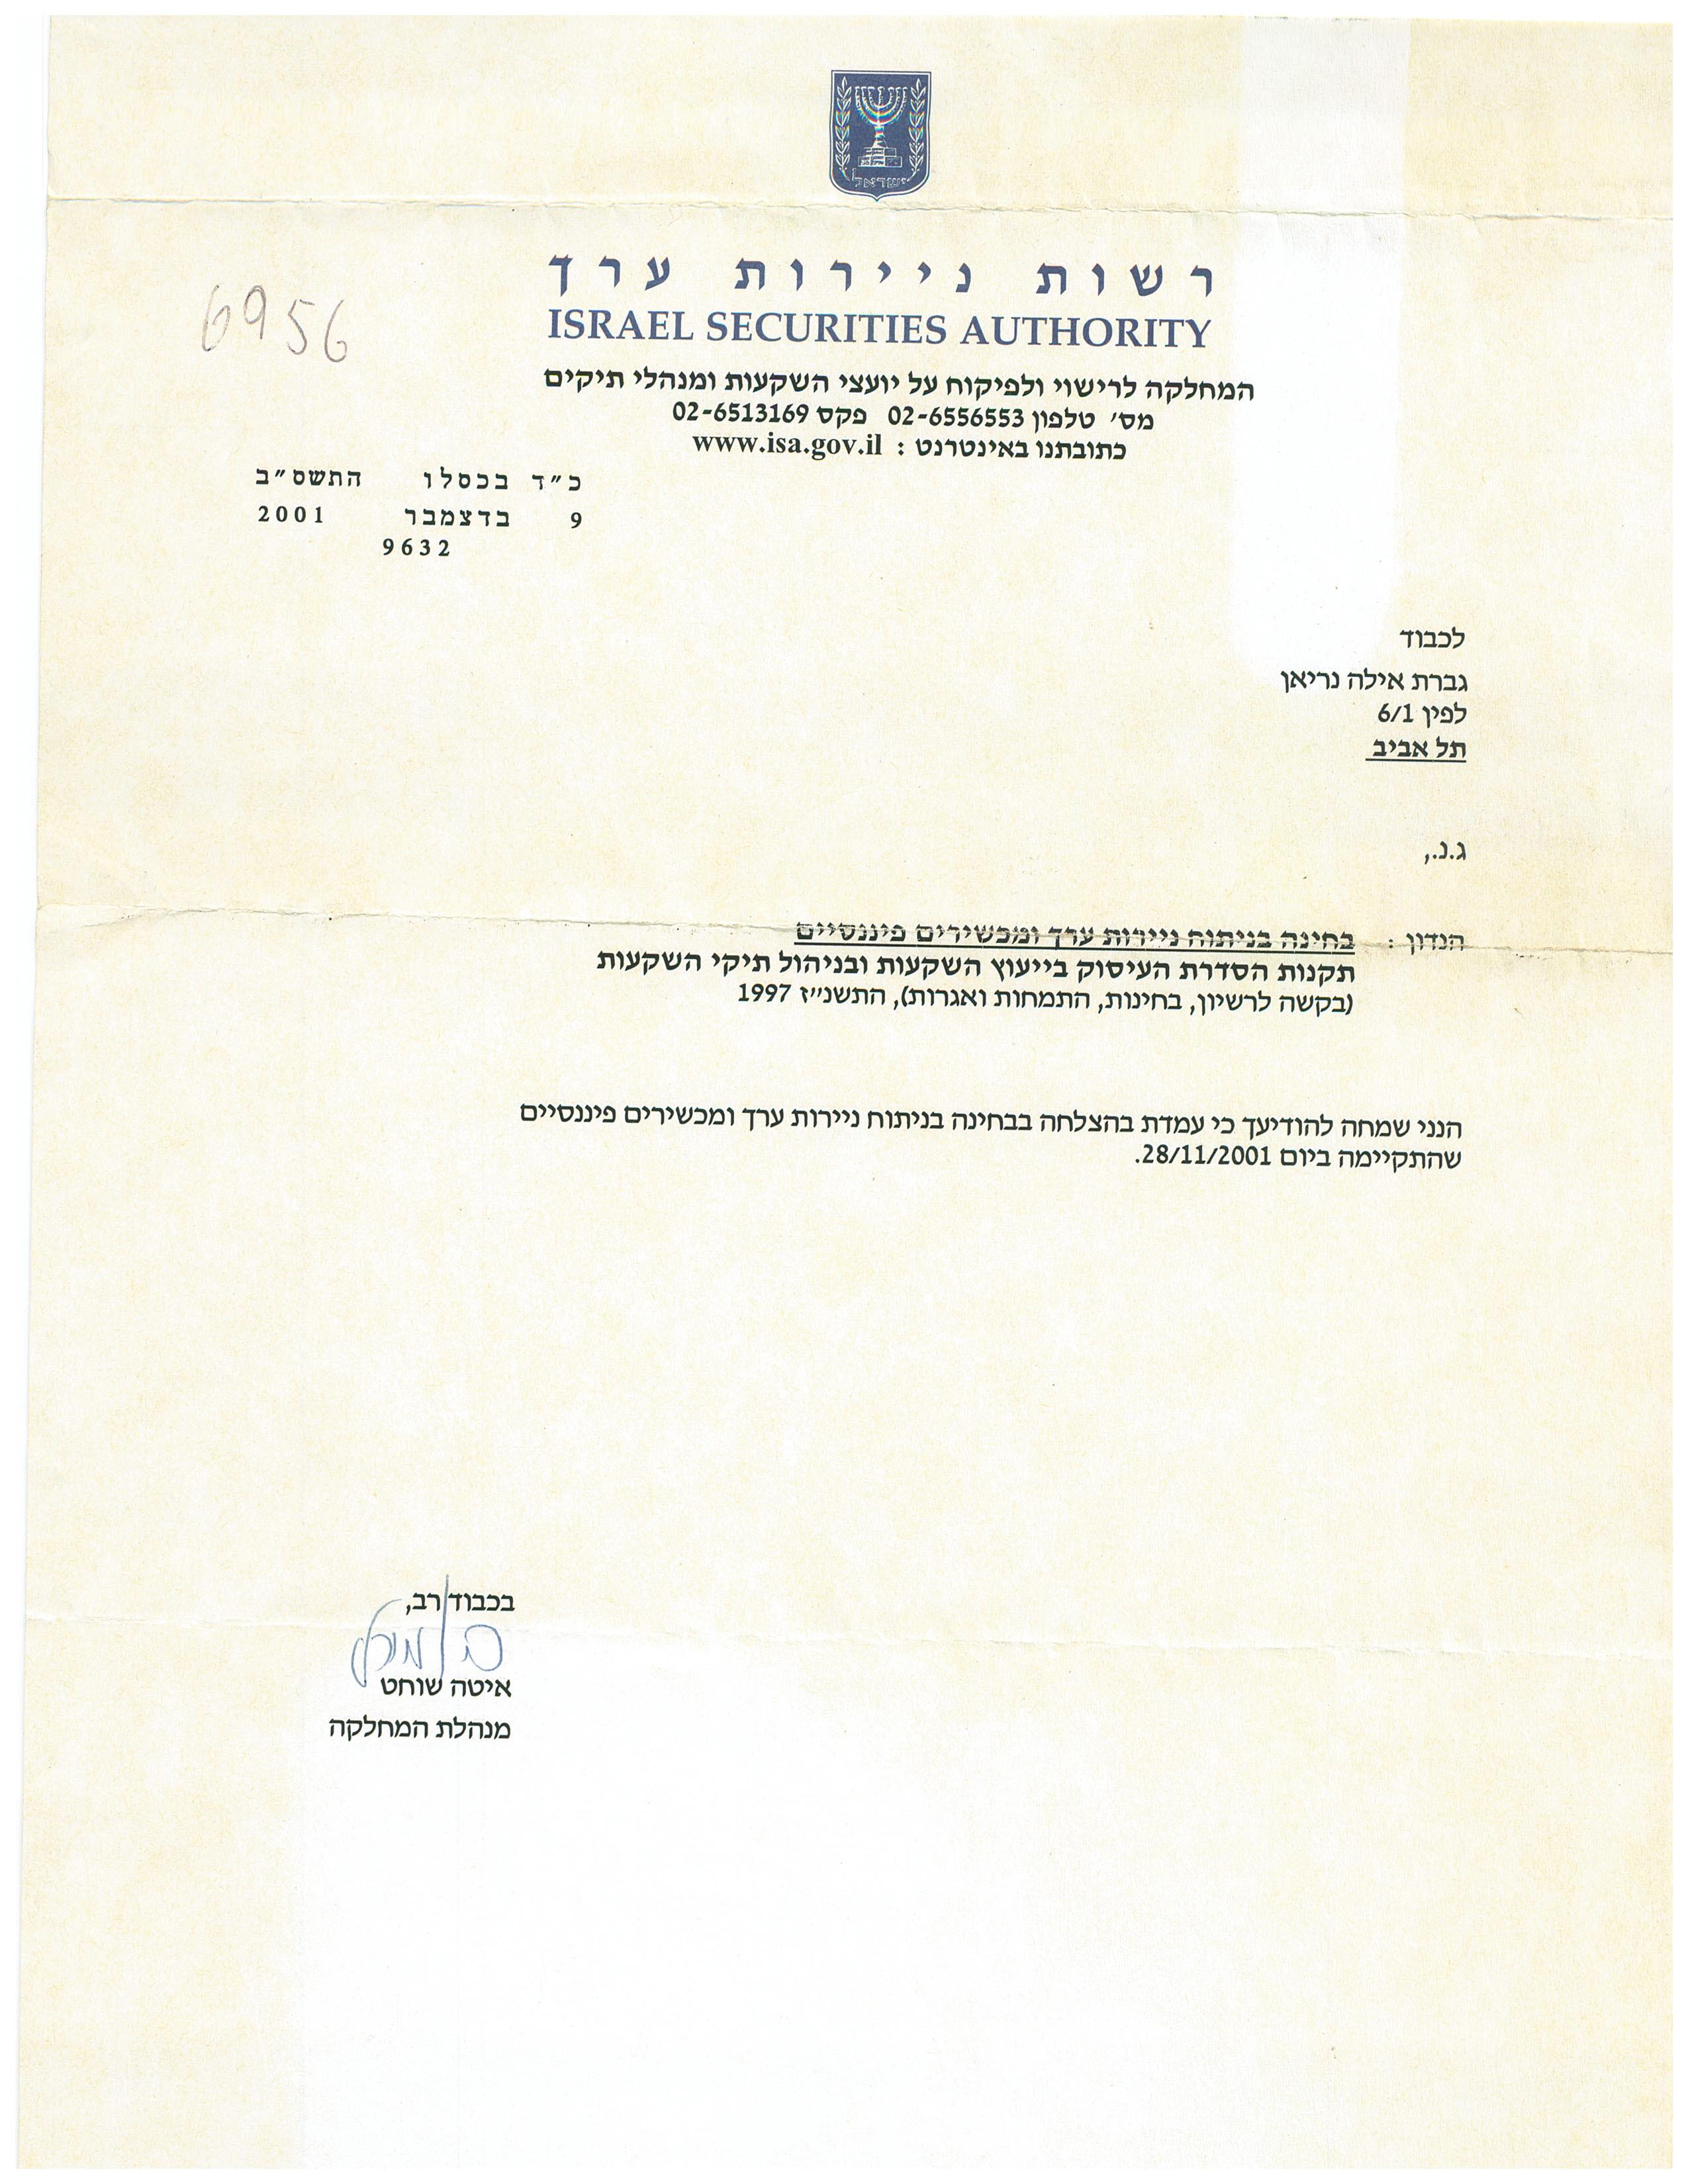 איילה אבני רישיון ייעוץ פנסיוני הסמכה